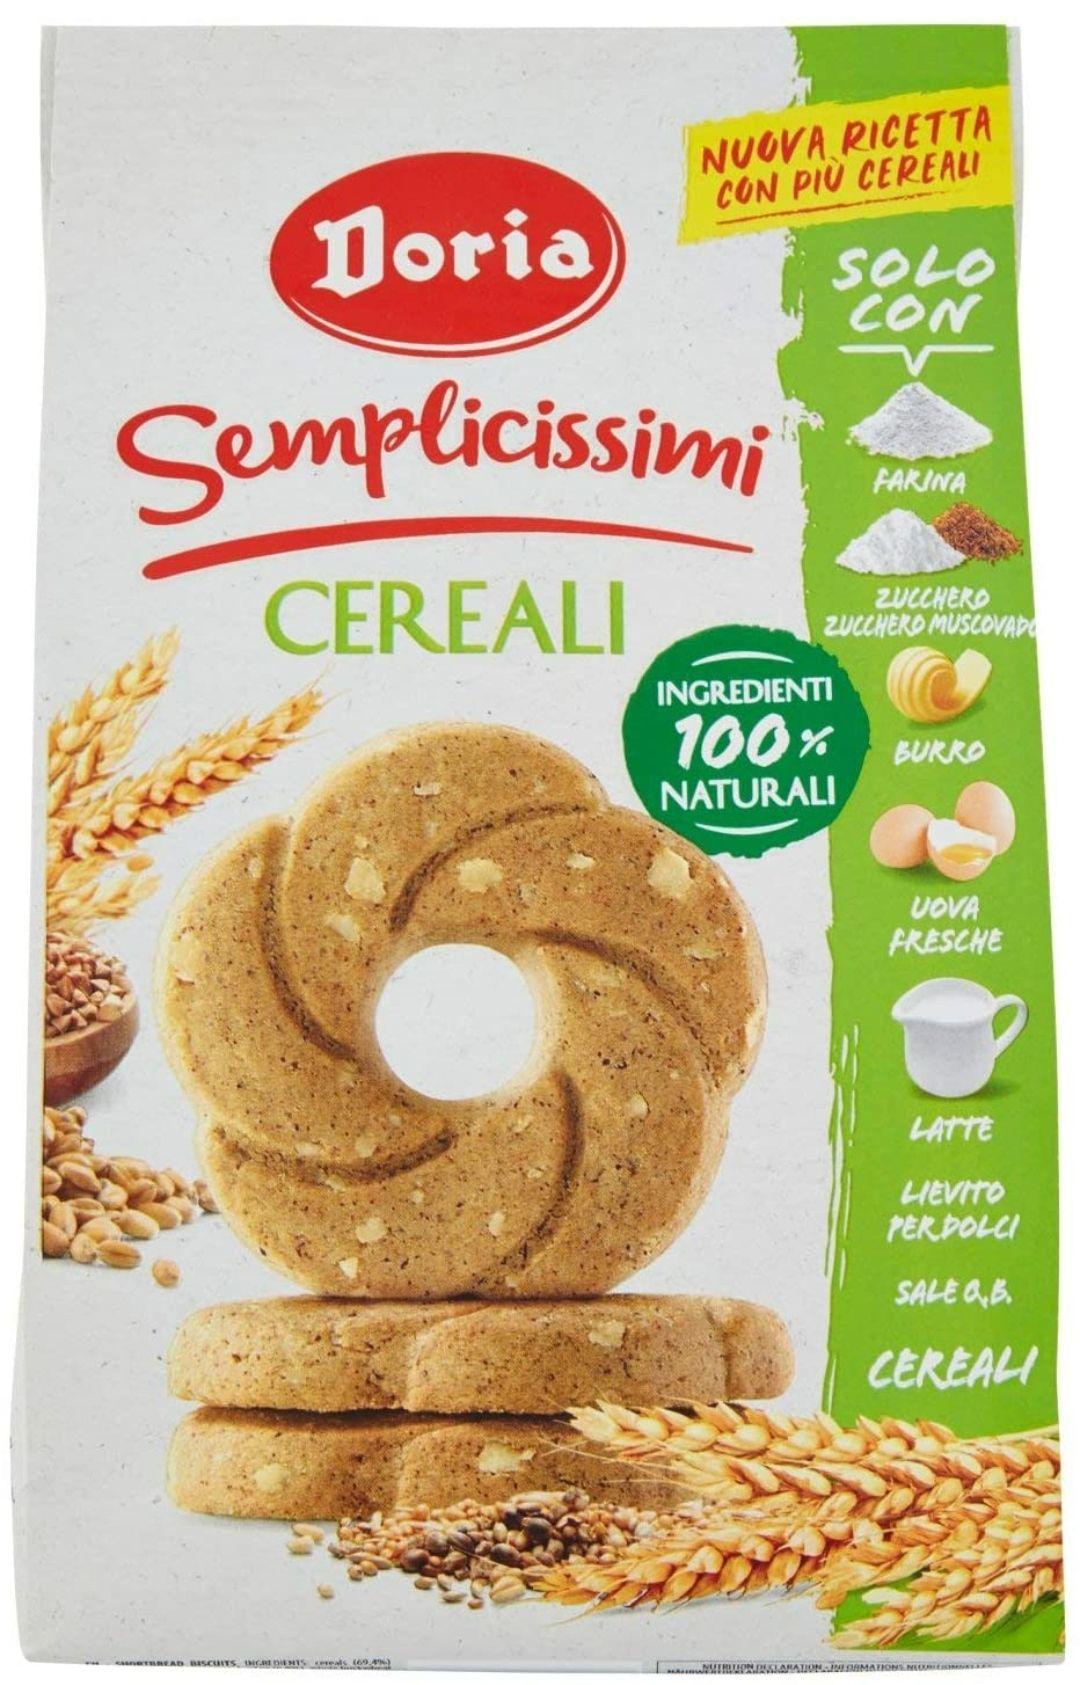 Doria - Semplicissimi Frollini ai Cereali - Confezione da 280 gr